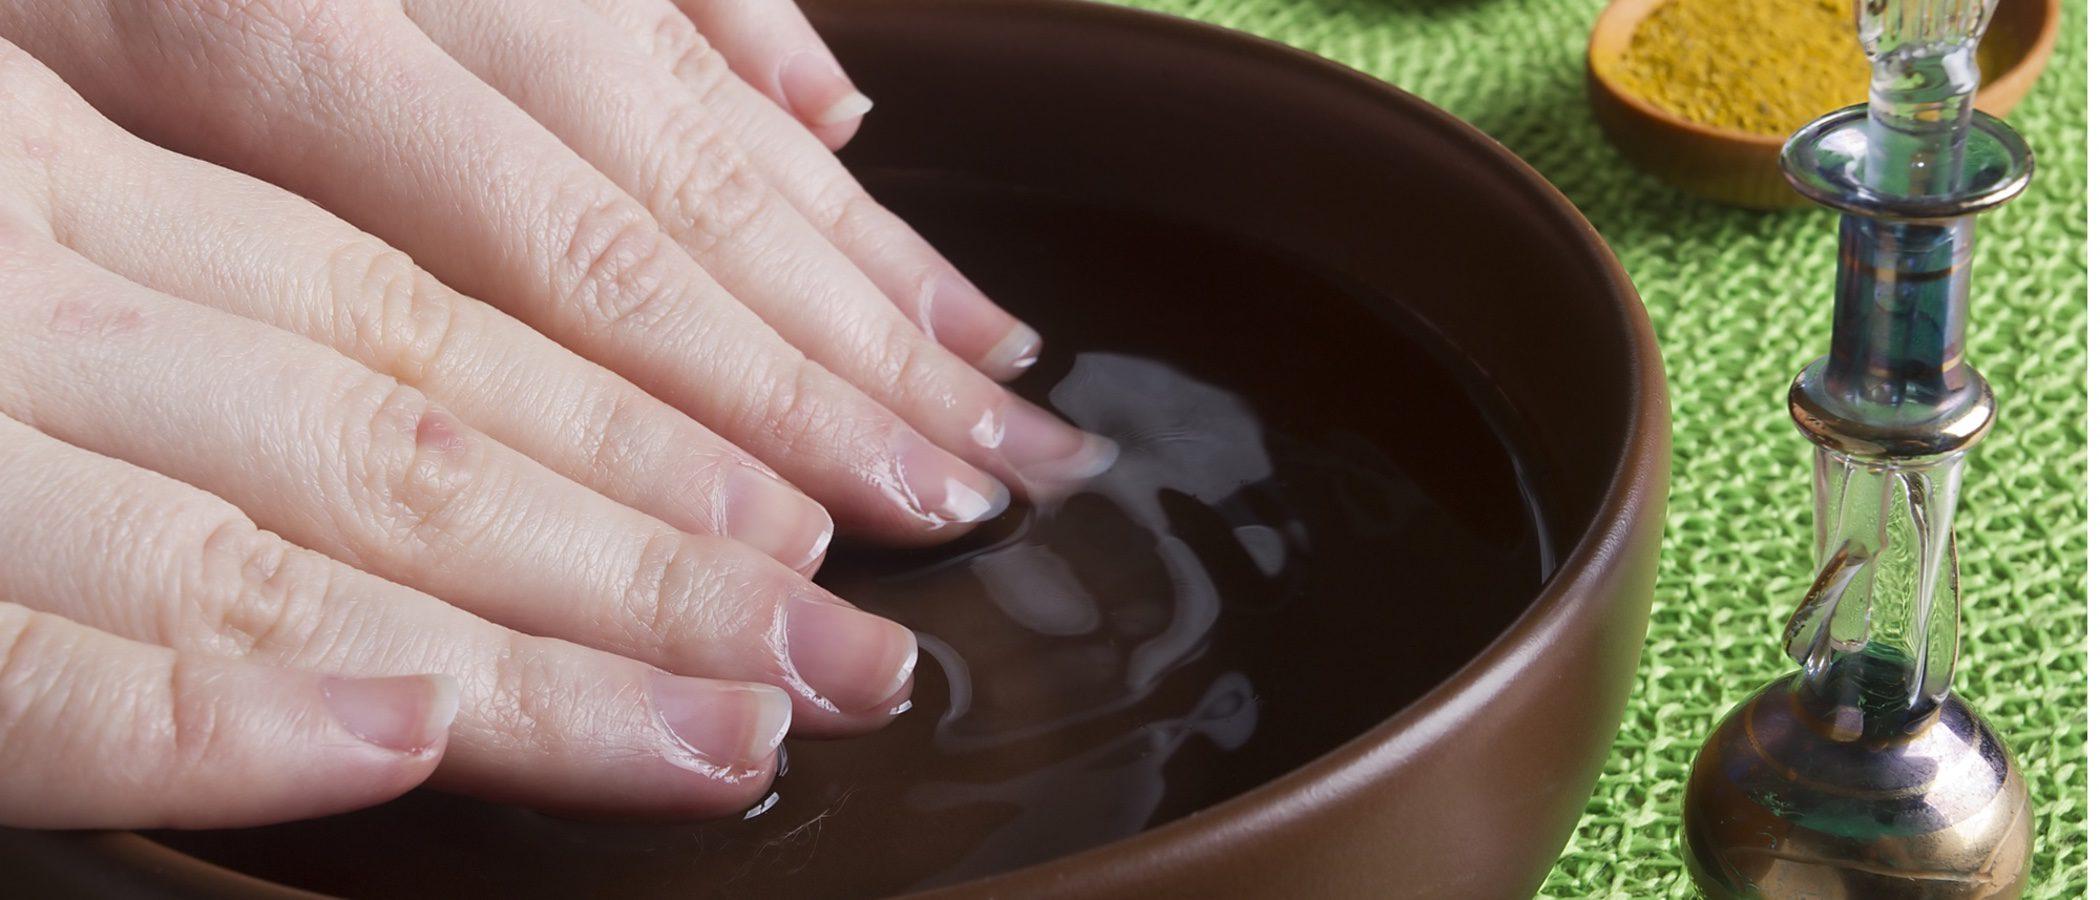 Beneficios de la parafina en la piel